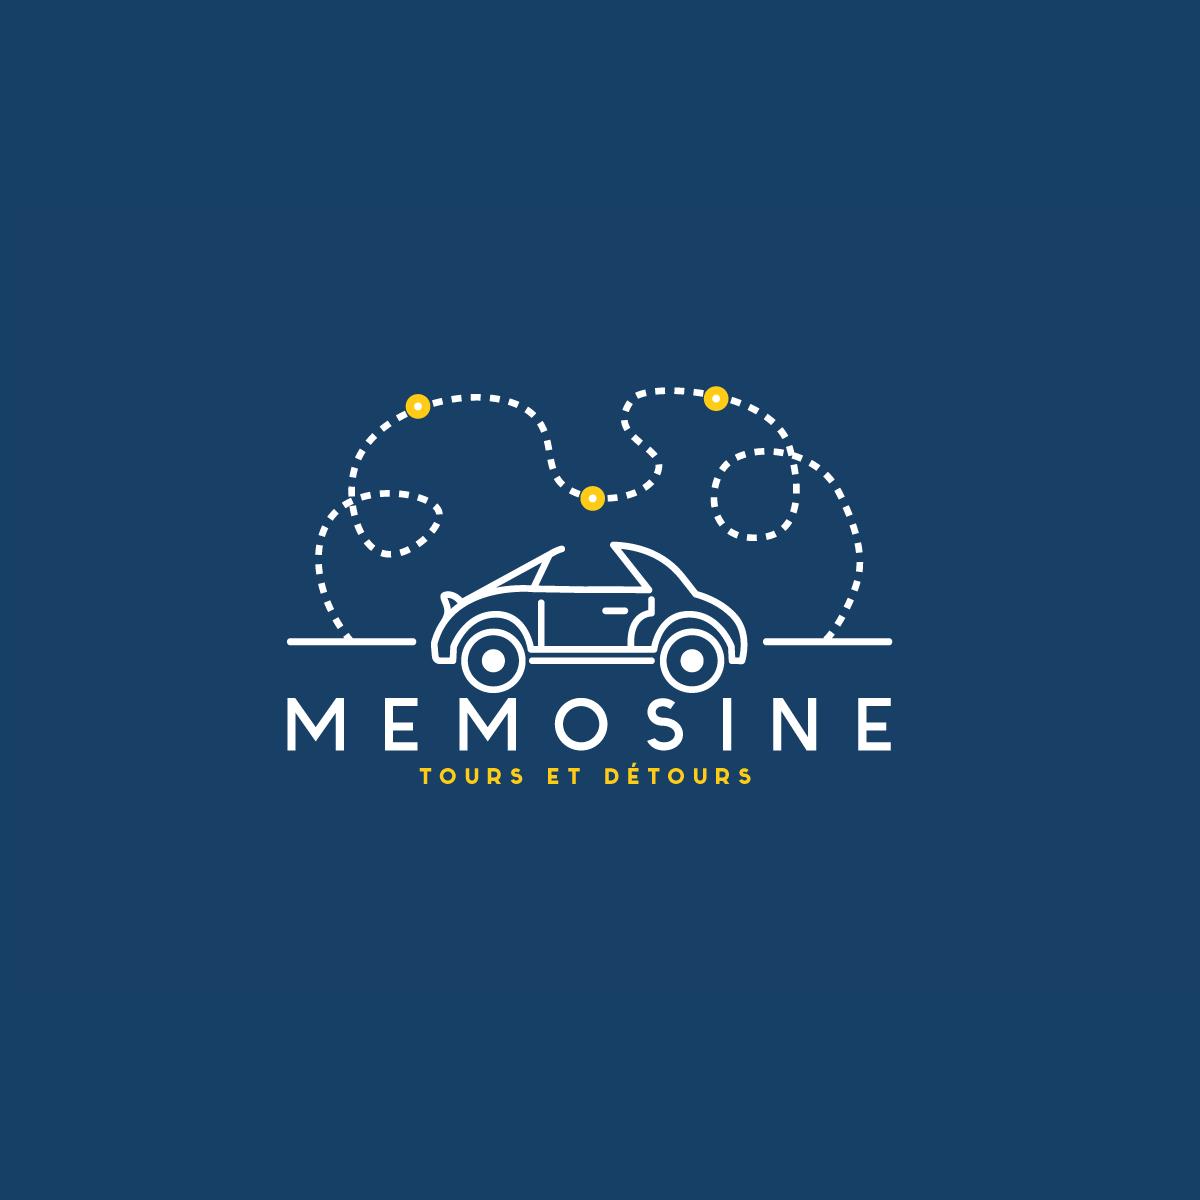 memosine